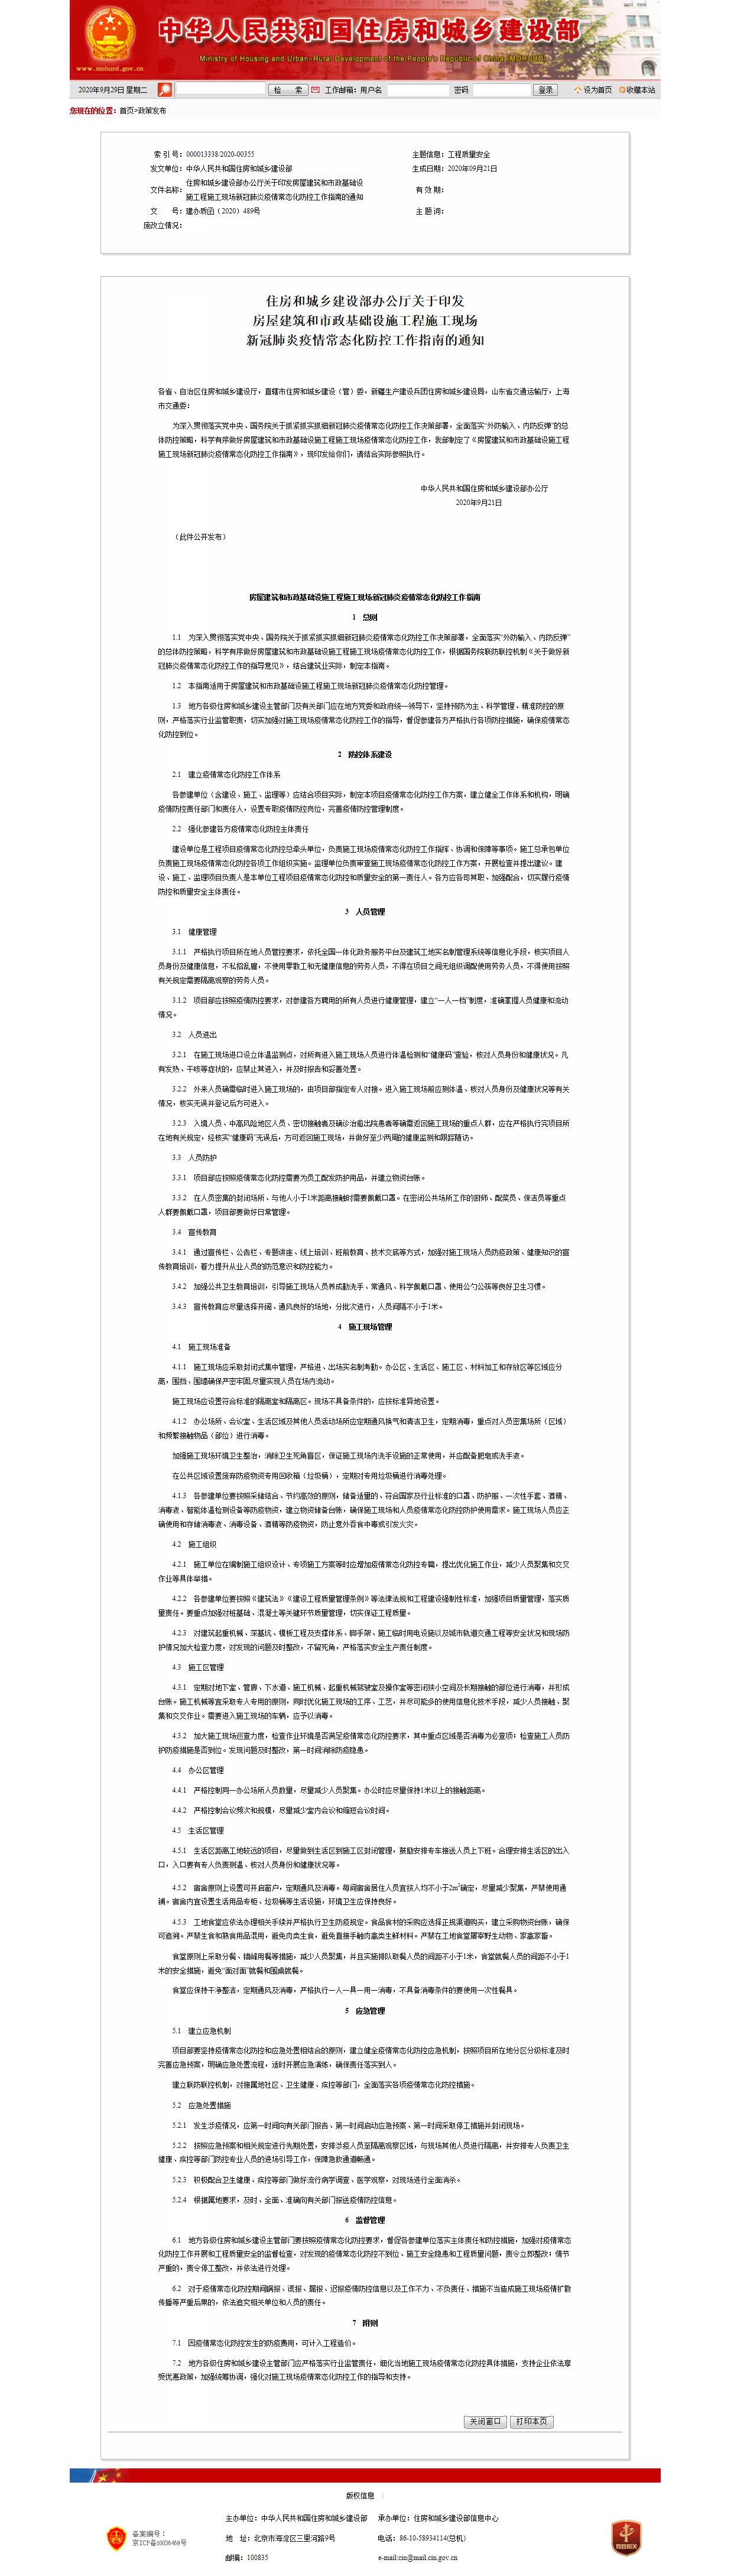 中华人民共和国住房和城乡建设部 - 住房和城乡建设部办公厅关于印发_br __房屋建筑和市政基础设施_看图王